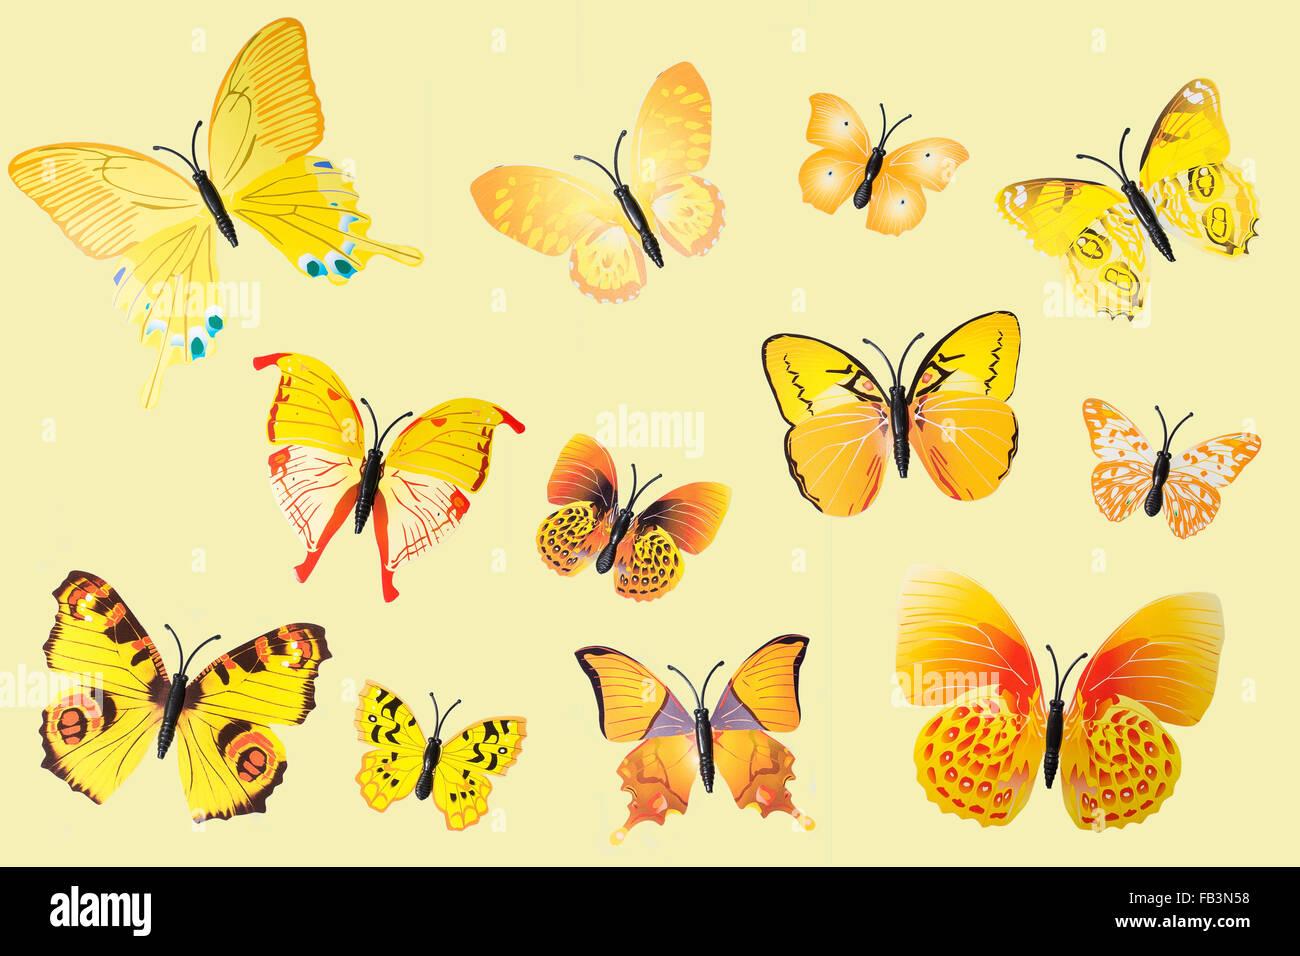 Raccolta di giallo Farfalle Fantasia Clip Art Immagini Stock